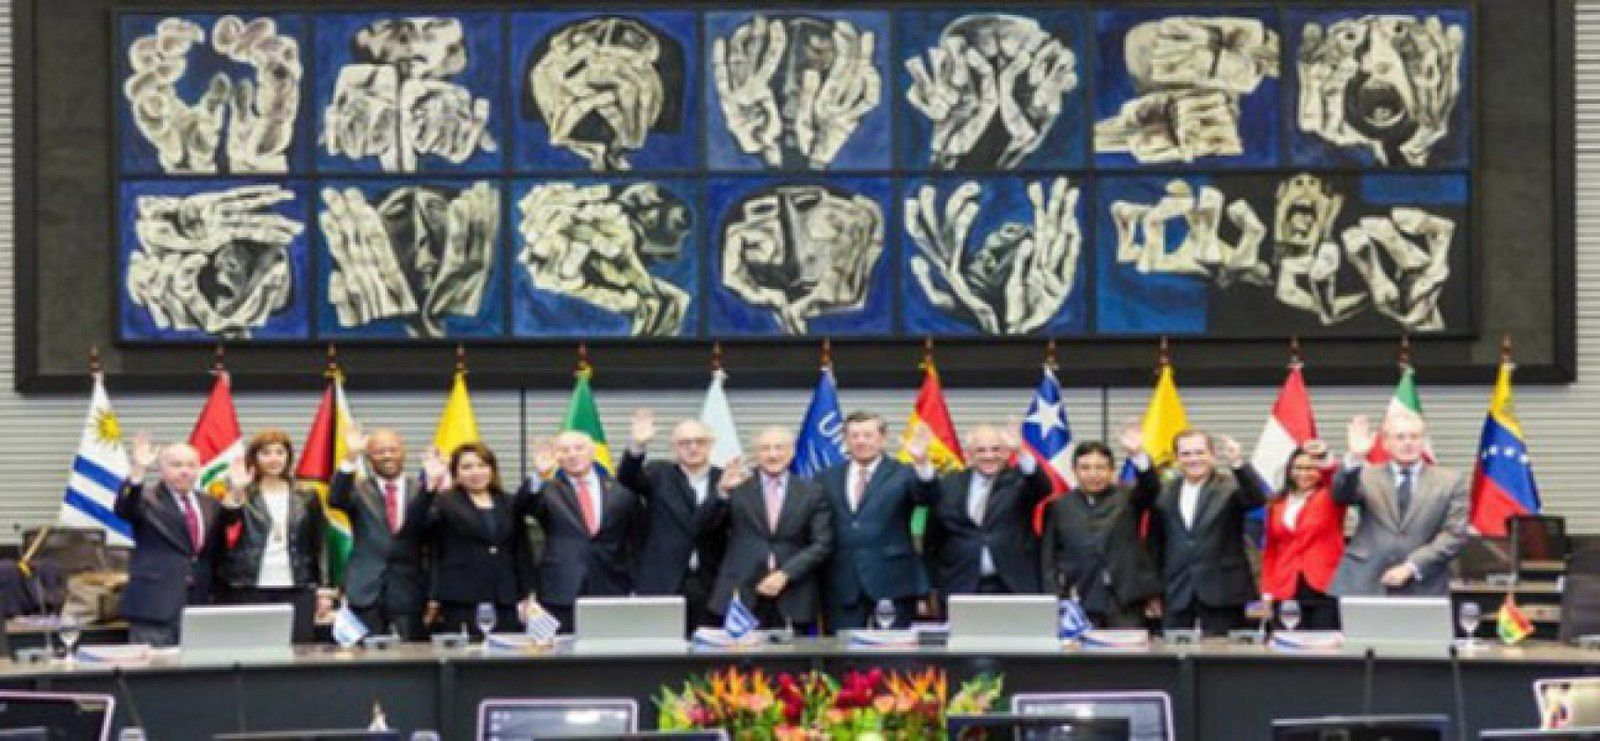 Les gouvernements sud-américains demandent à Obama de retirer son décret contre le Vénézuéla